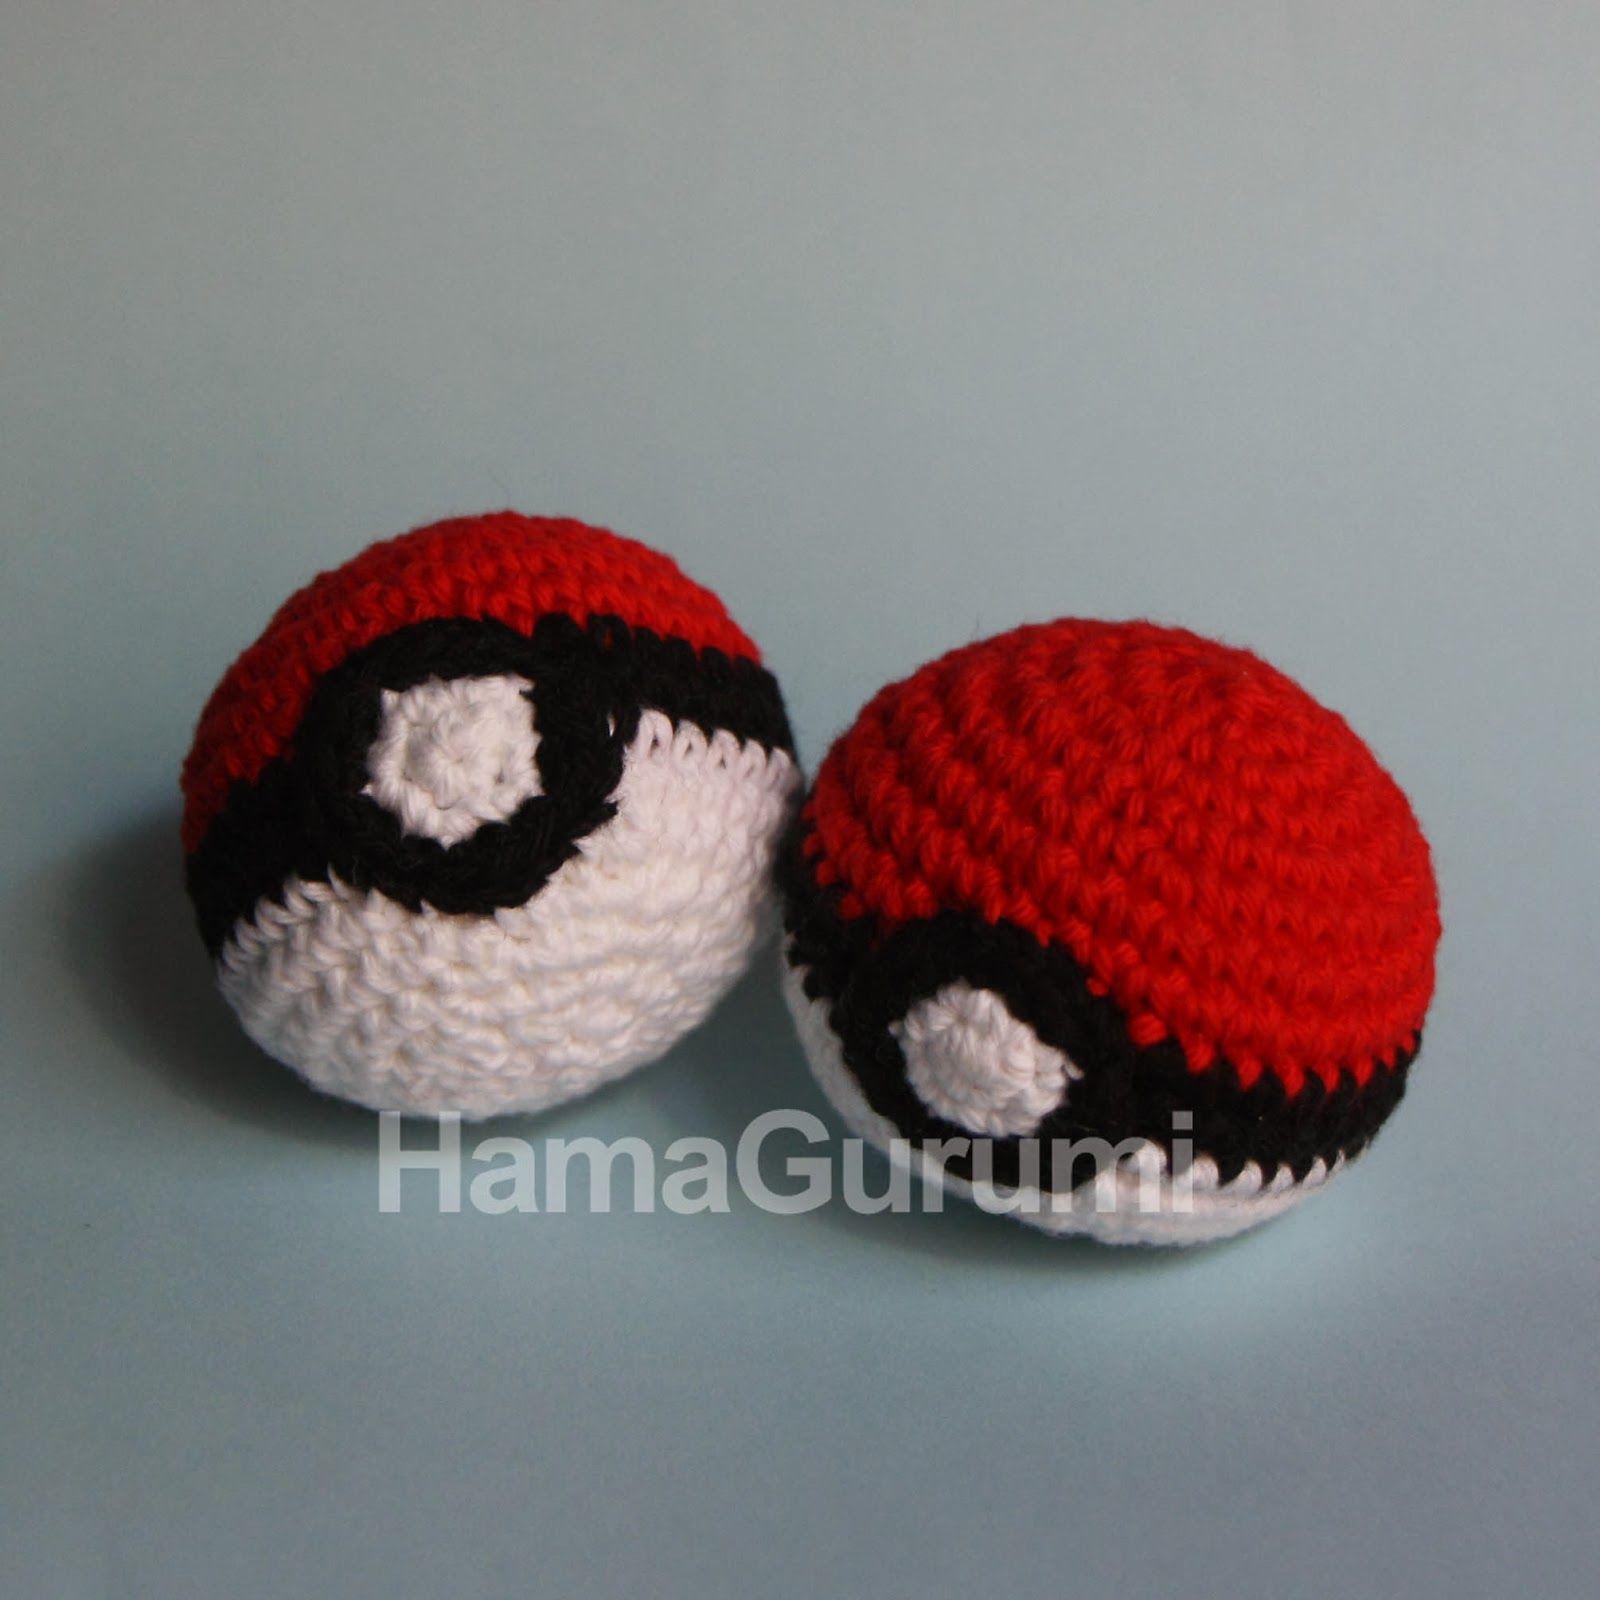 Pokeball, ideales para llaveros y como juguete para mascotas :), de HamaGurumi